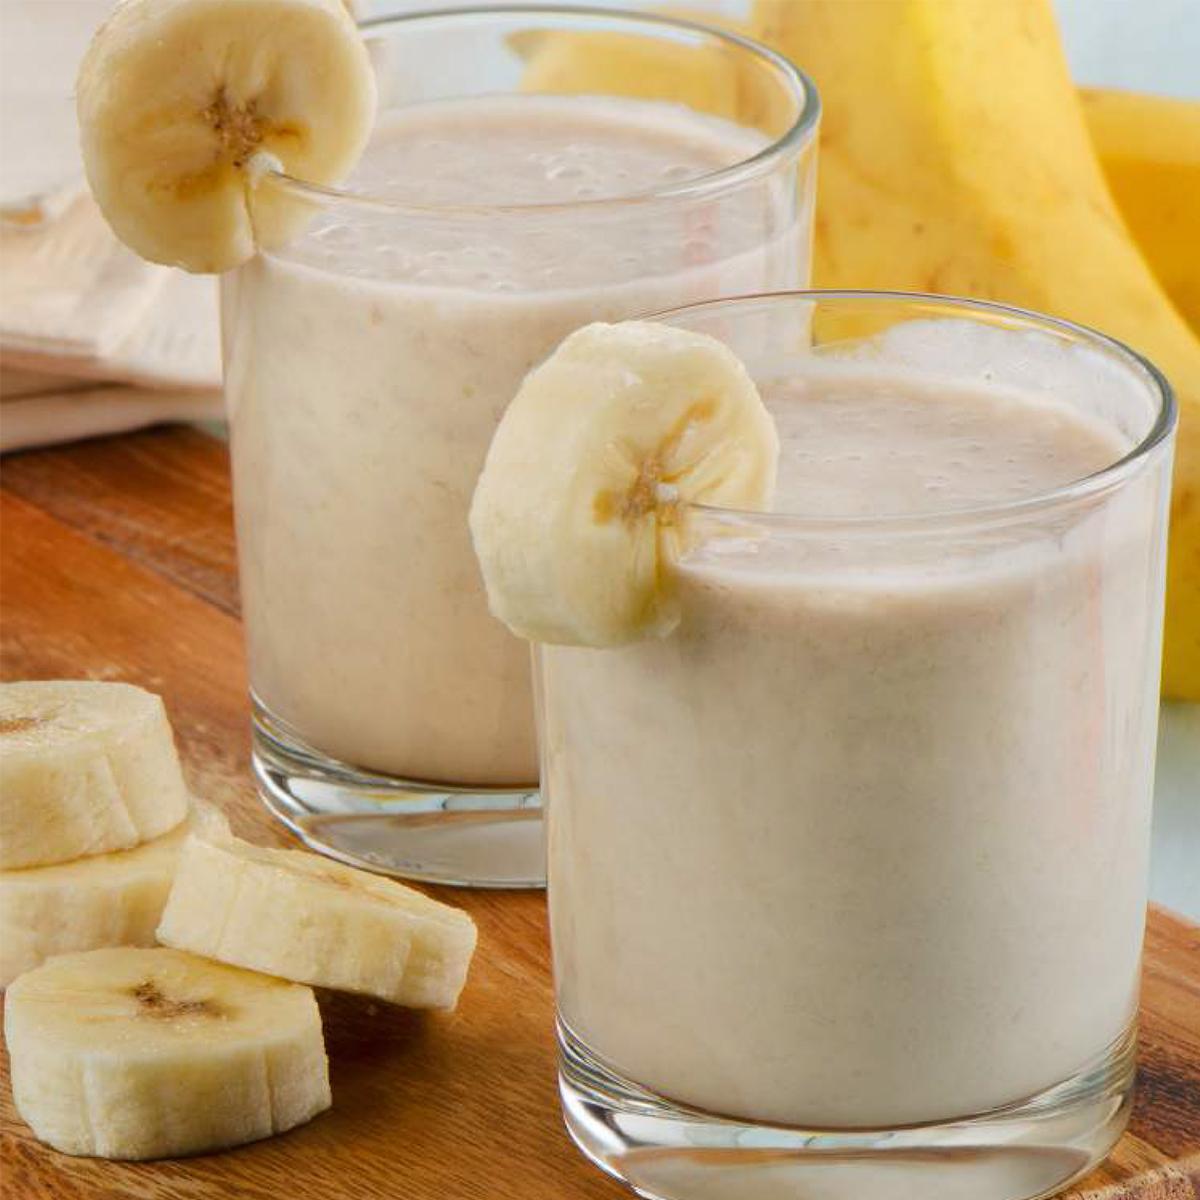 バナナと牛乳のスムージー|氷も皮付き野菜も滑らかなスムージーに…パワフルな小型ブレンダー|ferrano